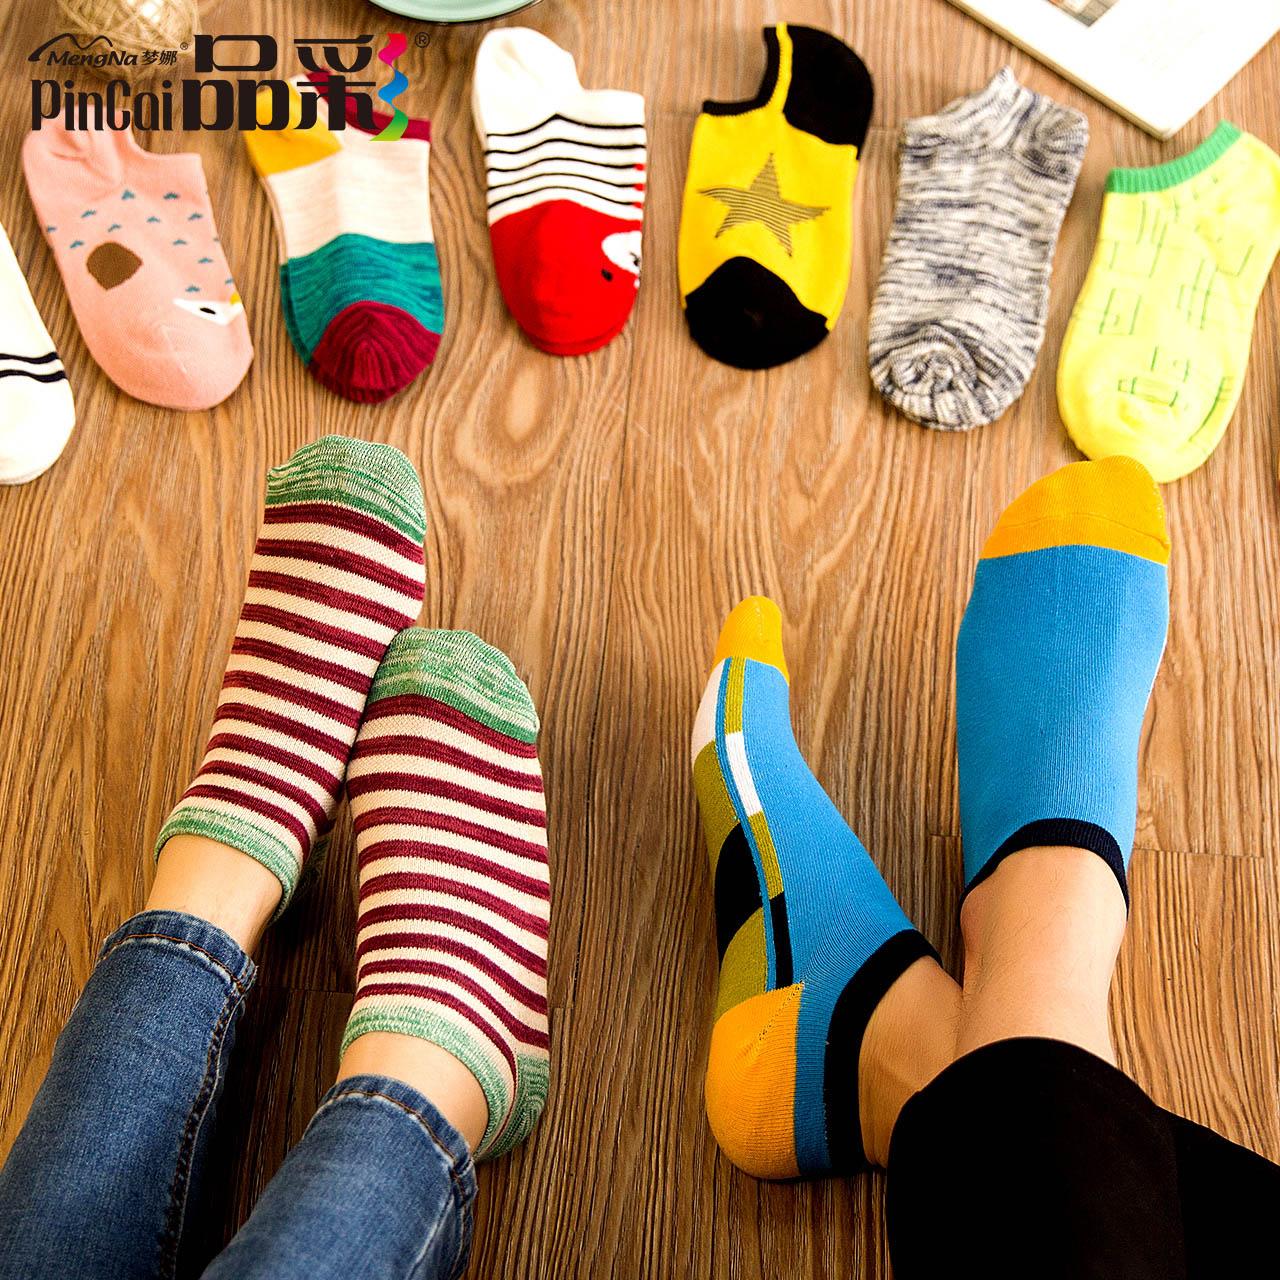 品彩情侣袜子夏季男女船袜四季短袜透气运动袜低帮防臭防滑女袜子